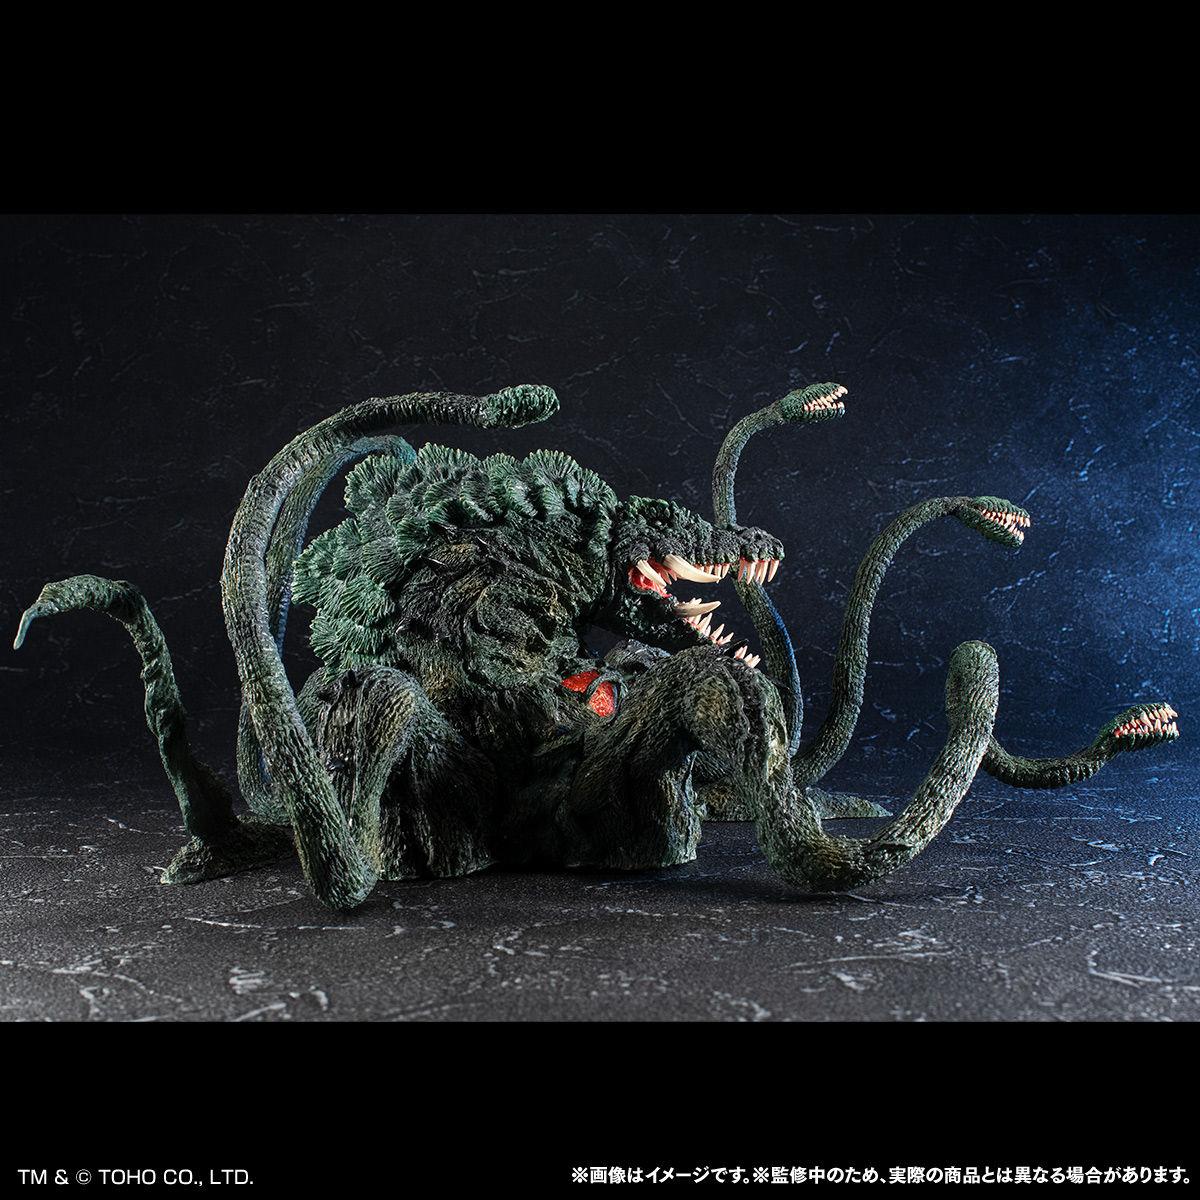 【限定販売】ゴジラvsビオランテ『HG D+EX ビオランテ(植獣形態)』完成品フィギュア-003